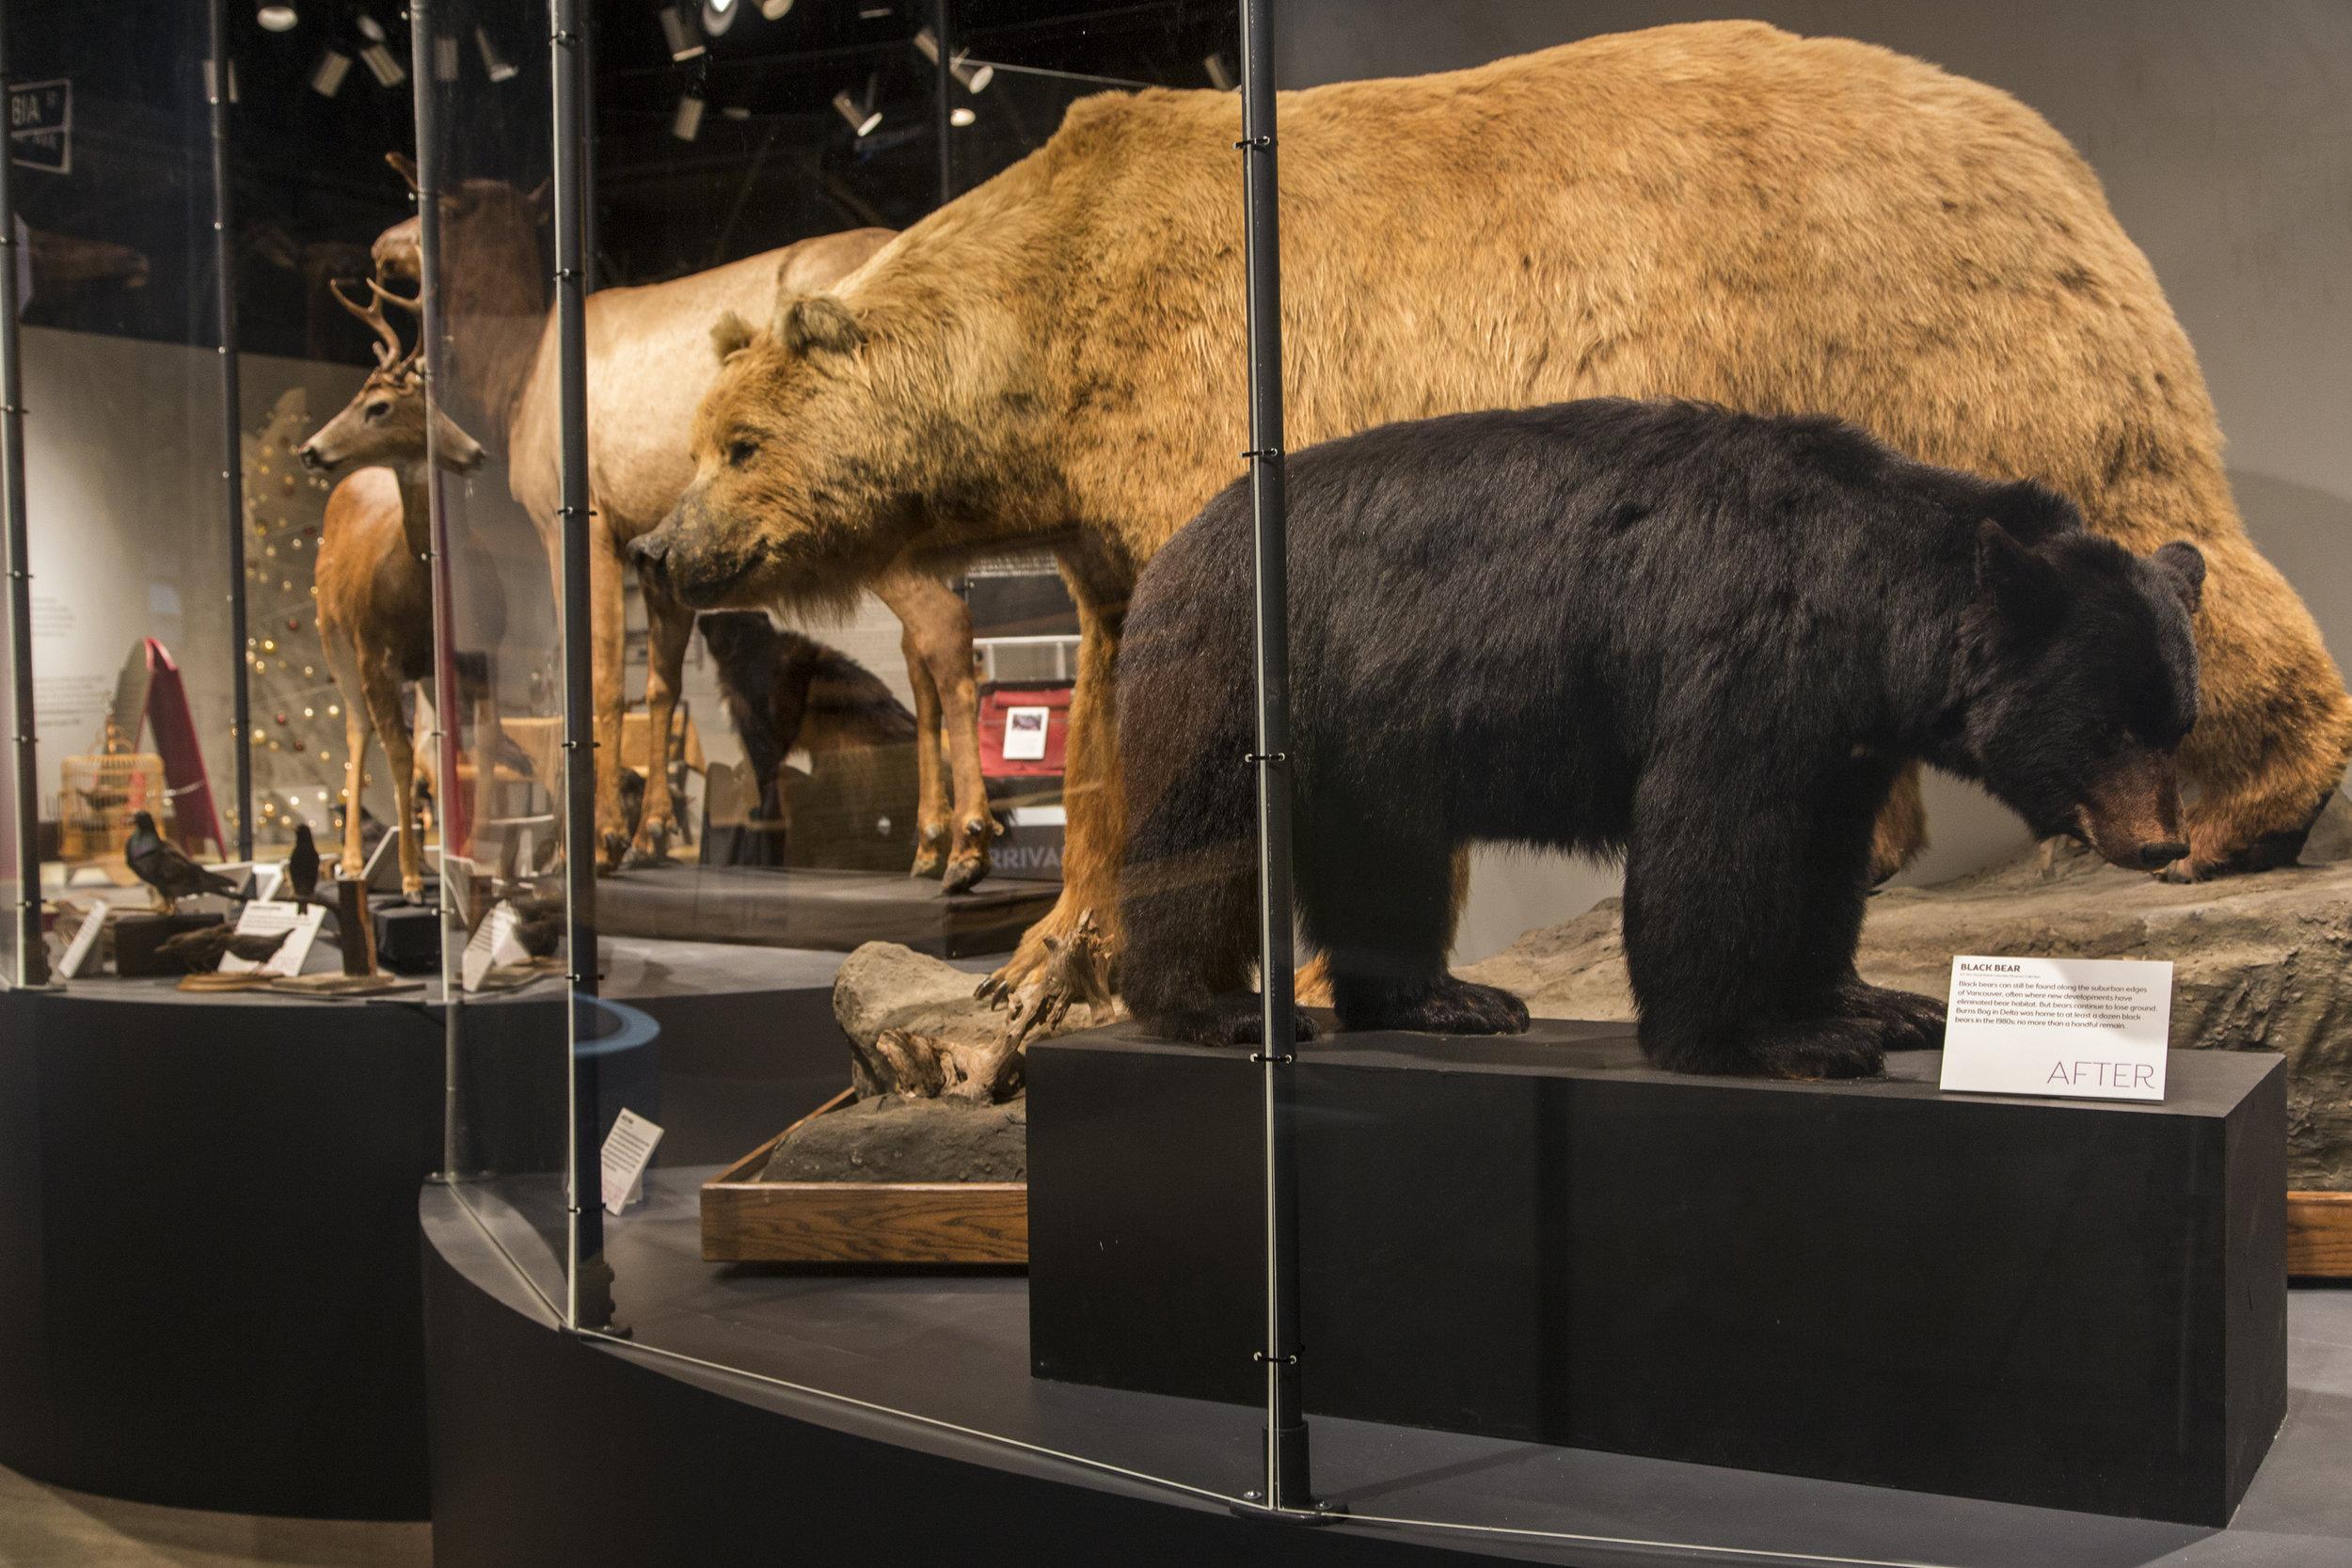 Bears_3727_PRINT.jpg